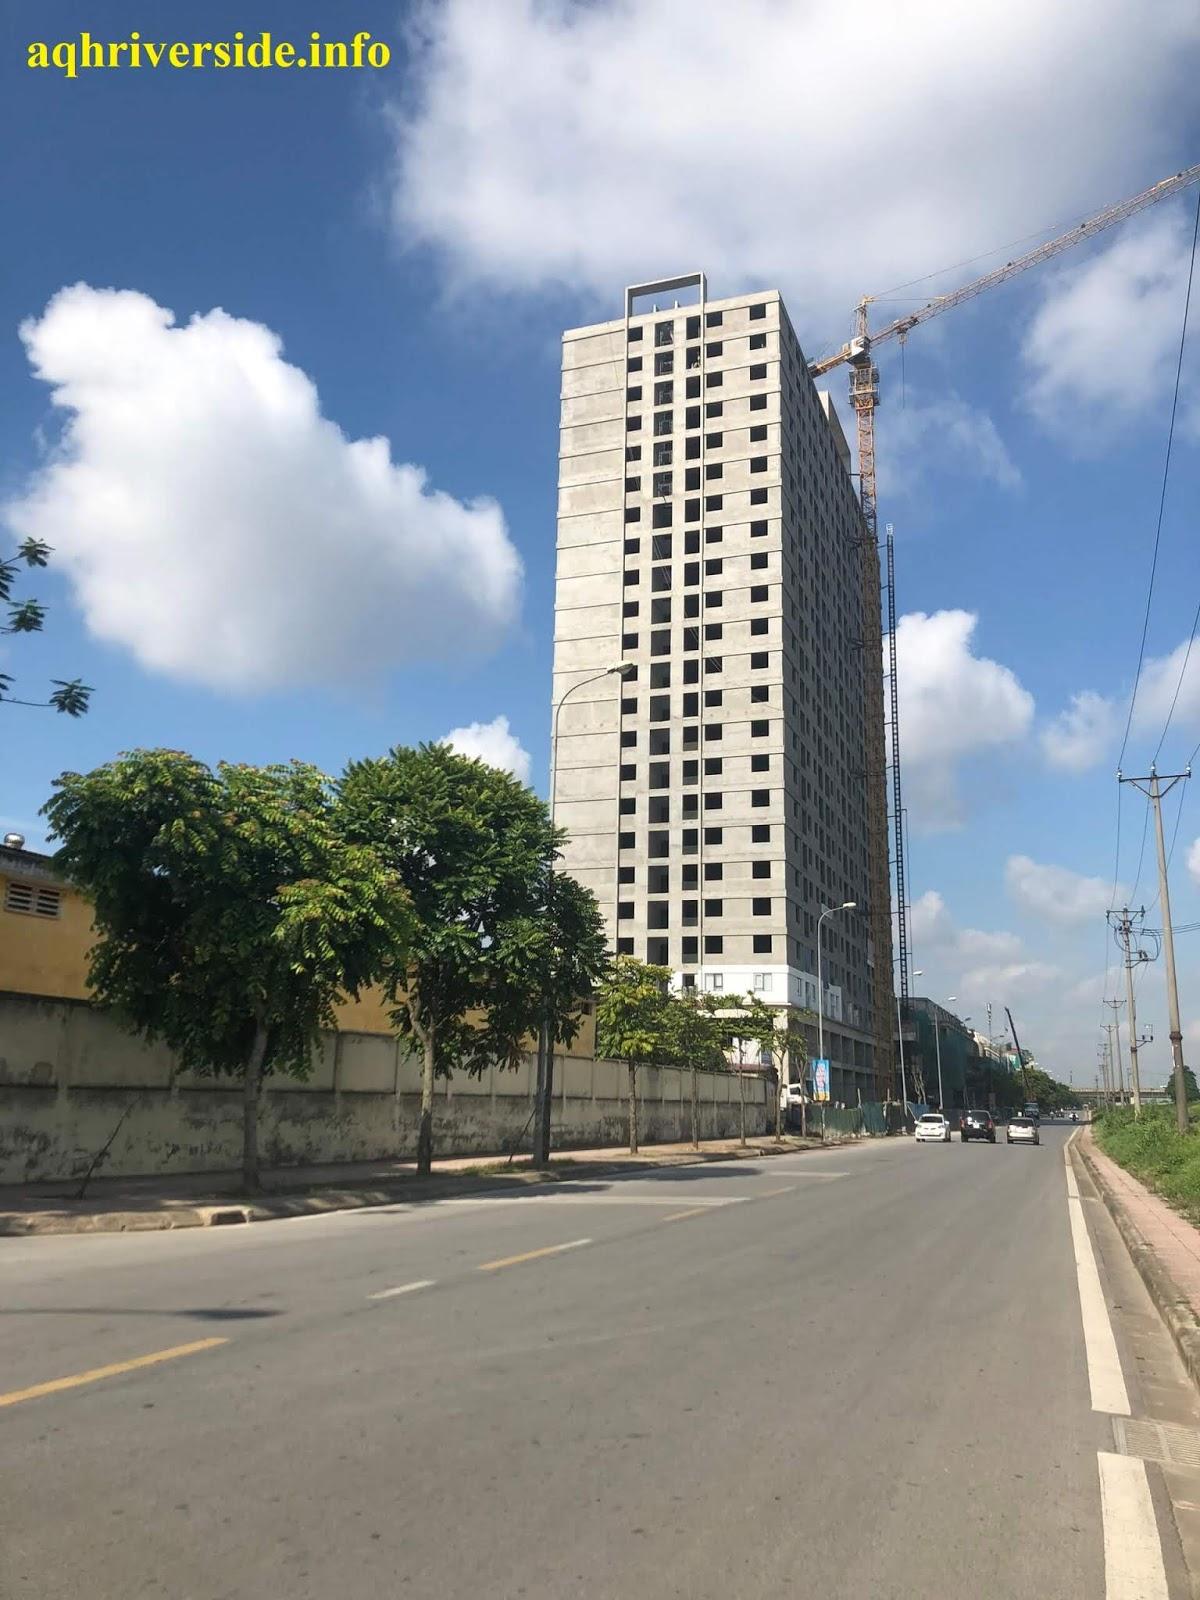 Cận cảnh hơn có thể thấy công trình AQH Riverside đã hoàn thiện xong thô rất đẹp.